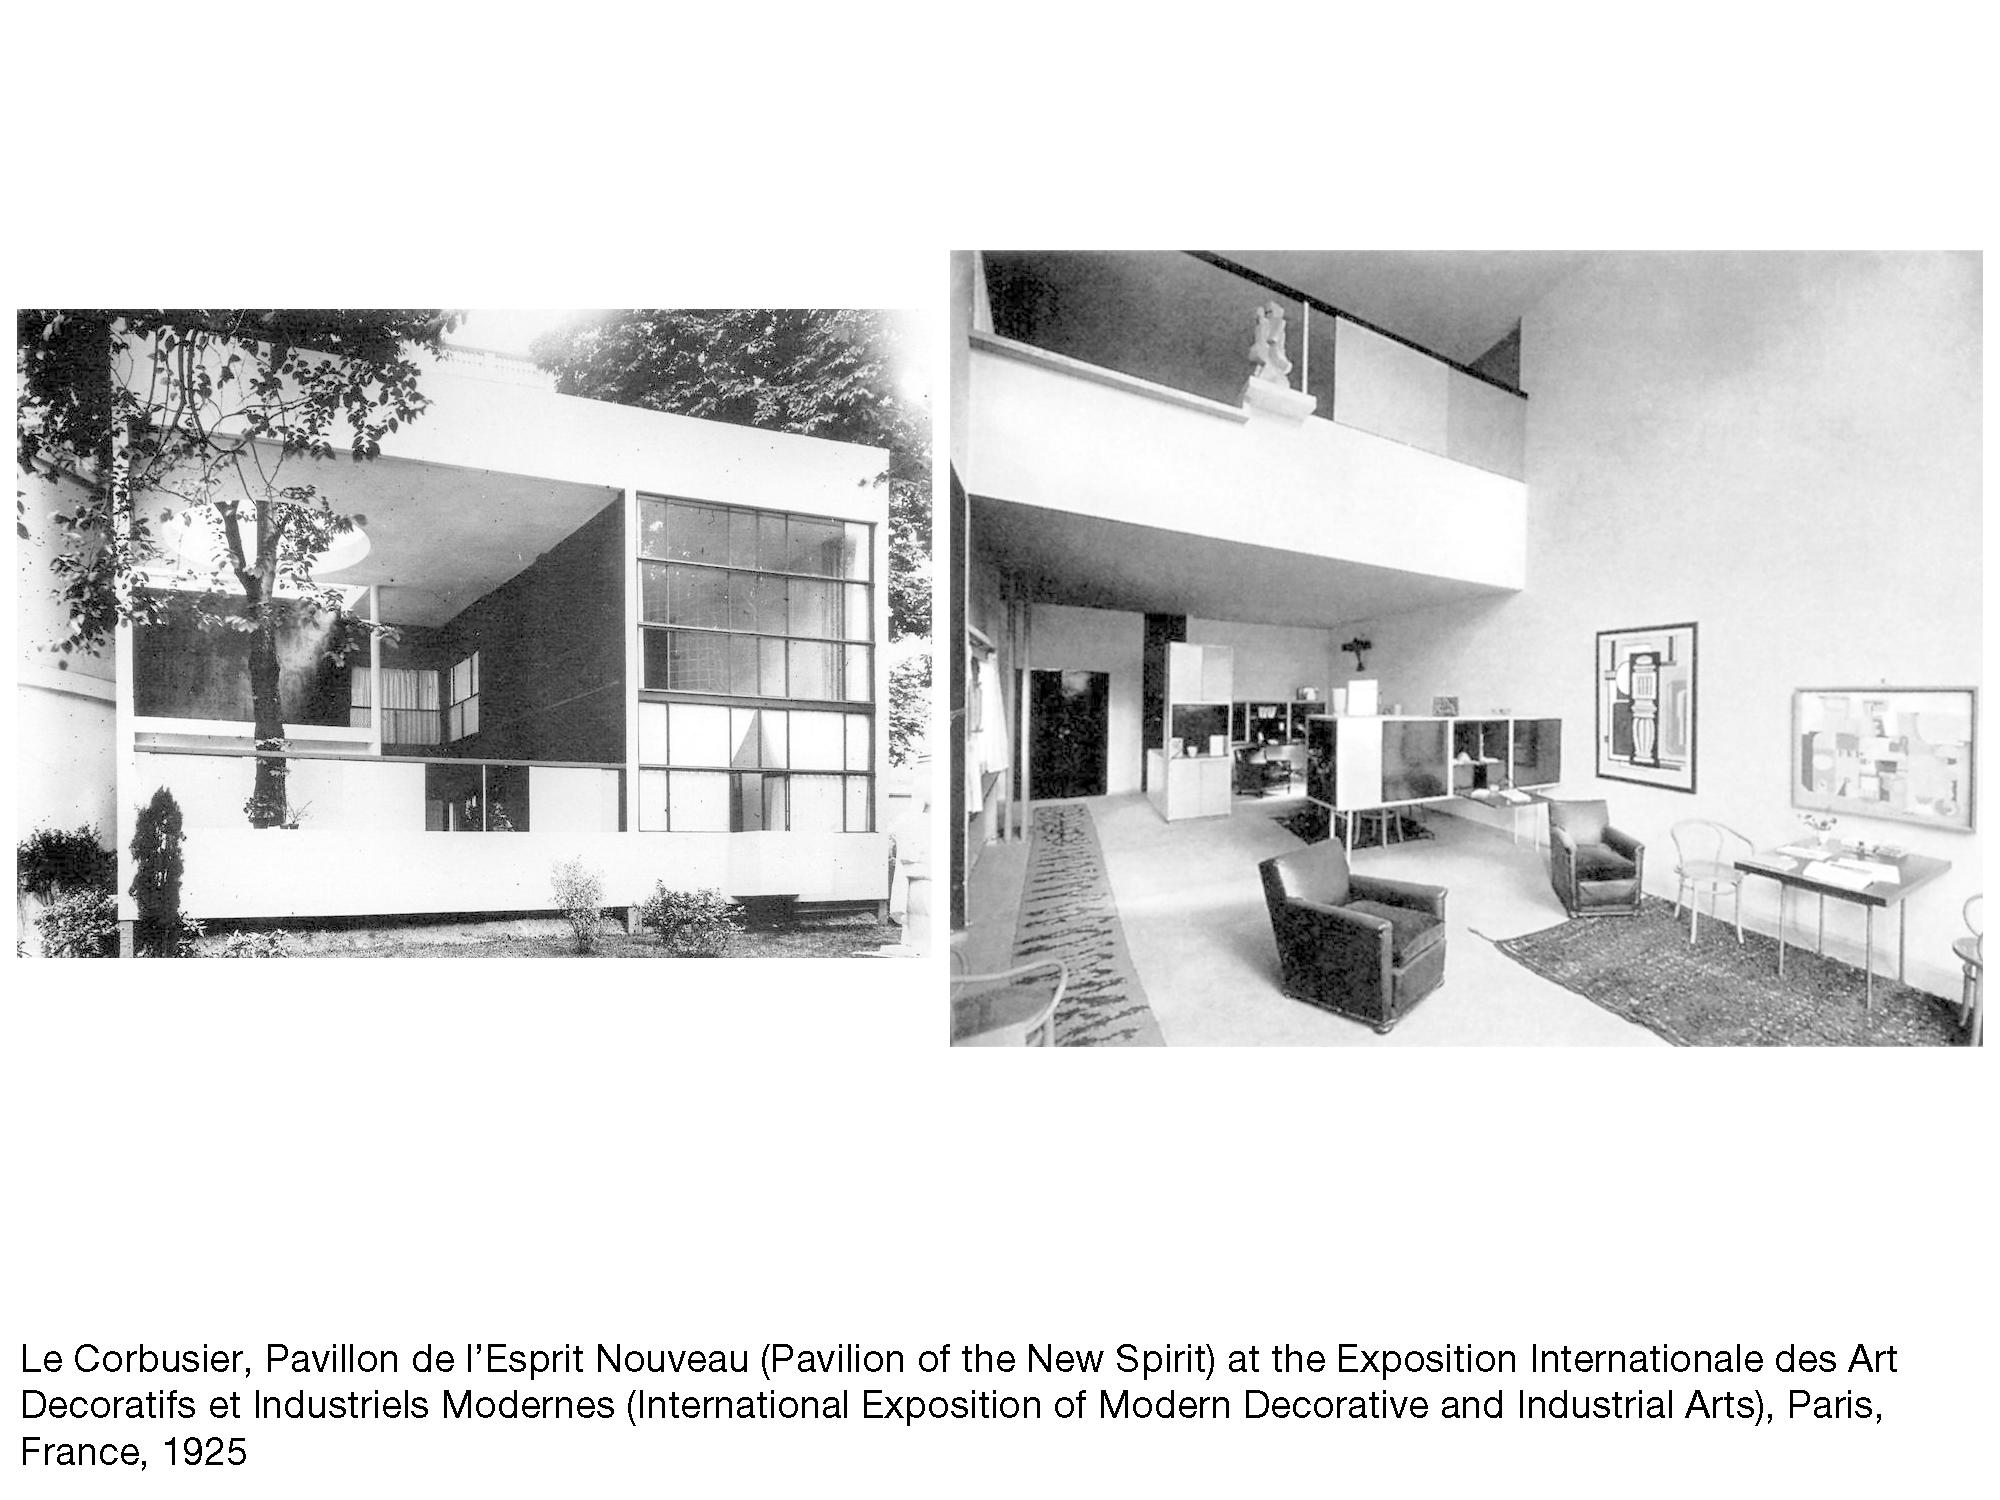 le corbusier pavillon de l esprit nouveau at the exposition